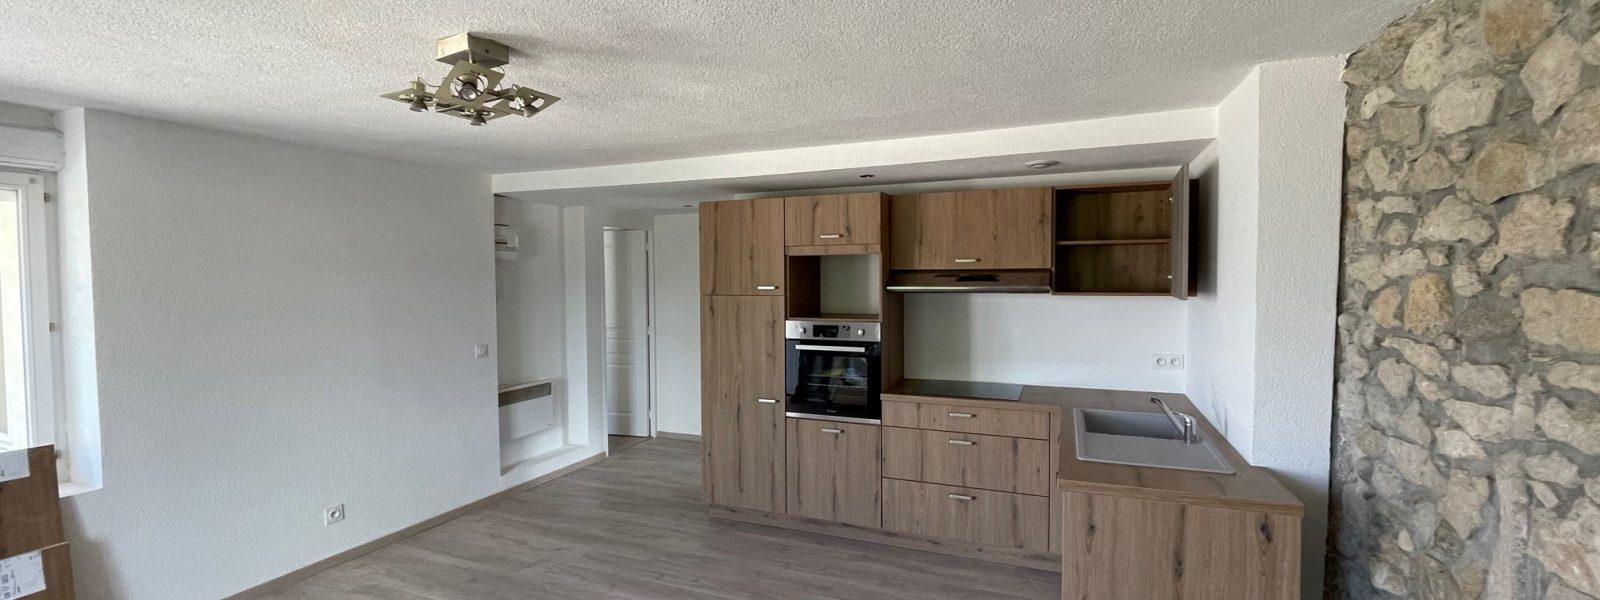 46 RUE DE L'EGLISE - Maison comprenant 2 logements - Visuel 5 - Impact immobilier 01